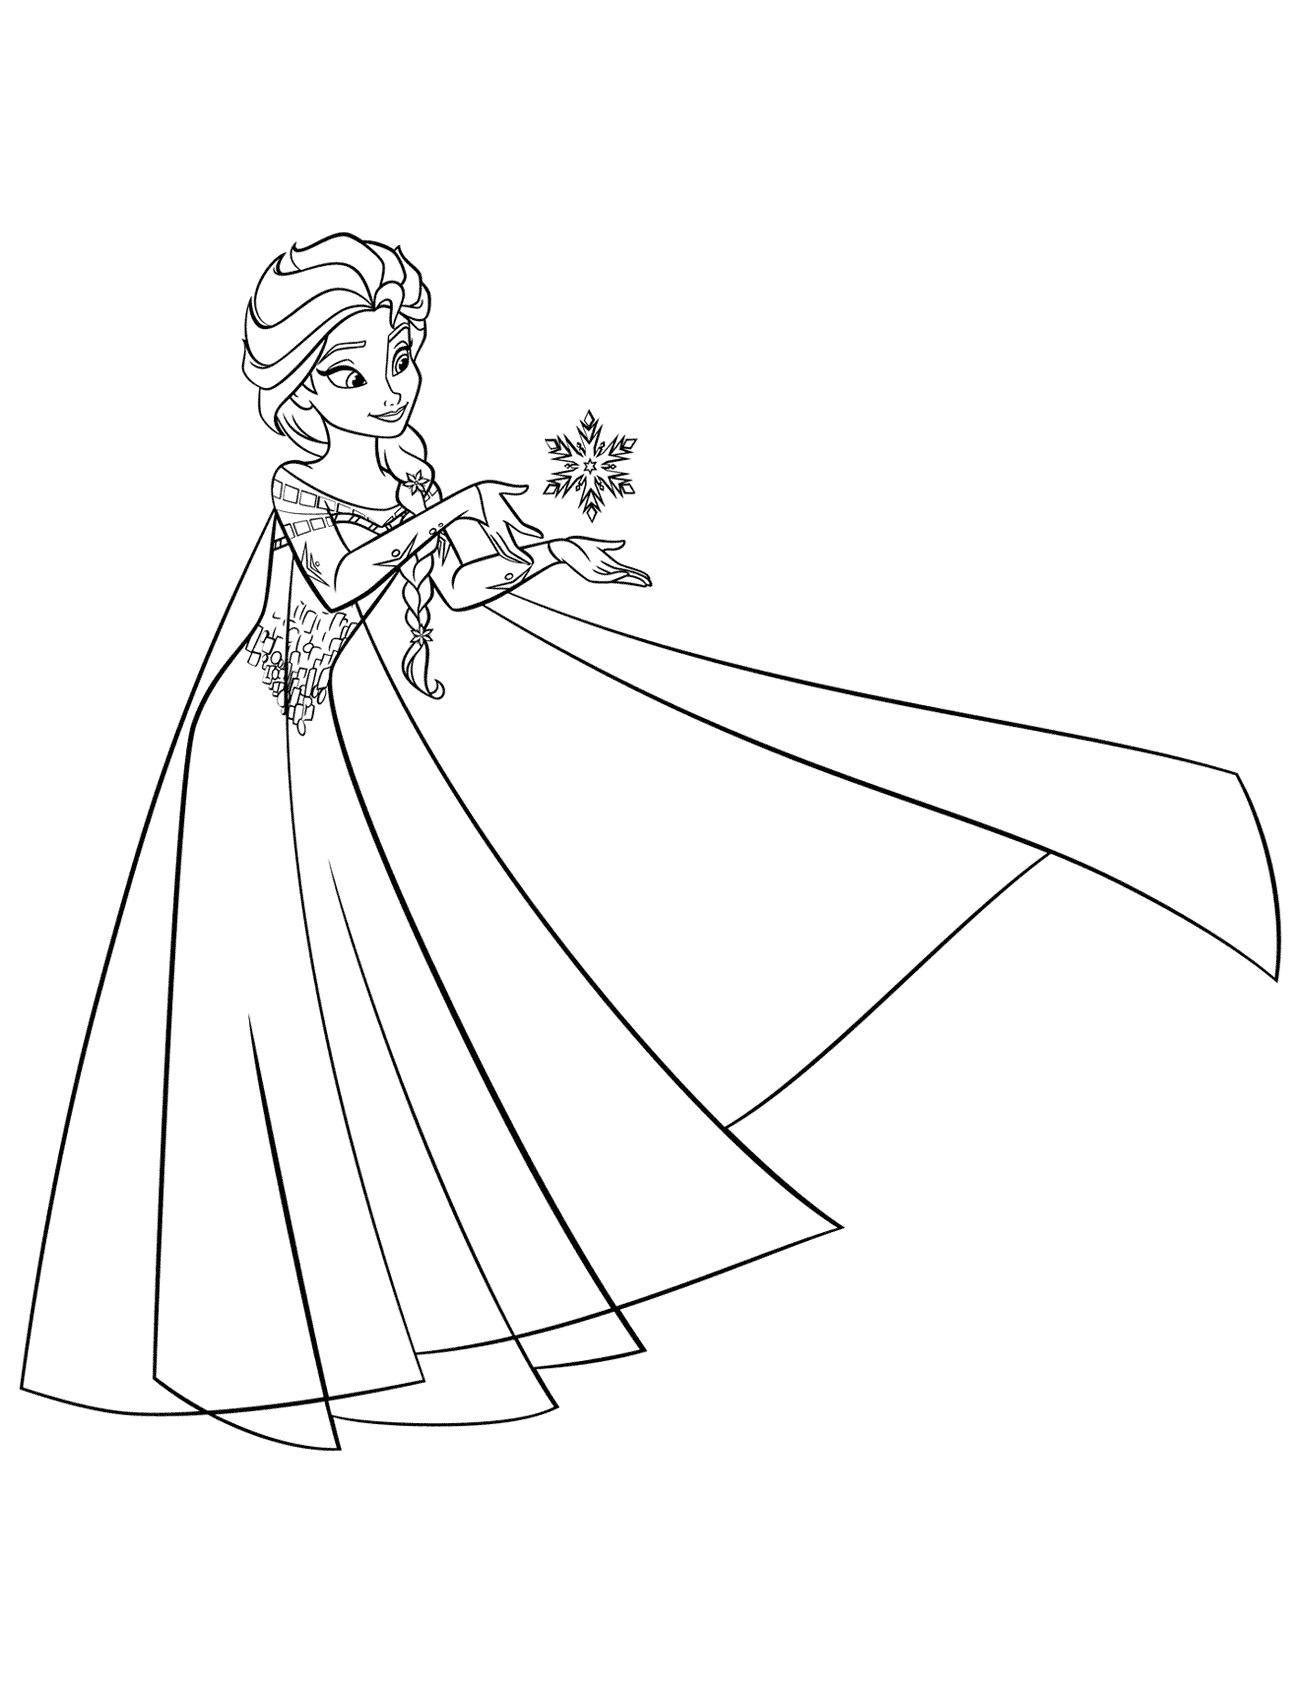 Ausmalbilder Elsa. Kostenlos Drucken, 60 Bilder Für Mädchen verwandt mit Ausmalbilder Elsa